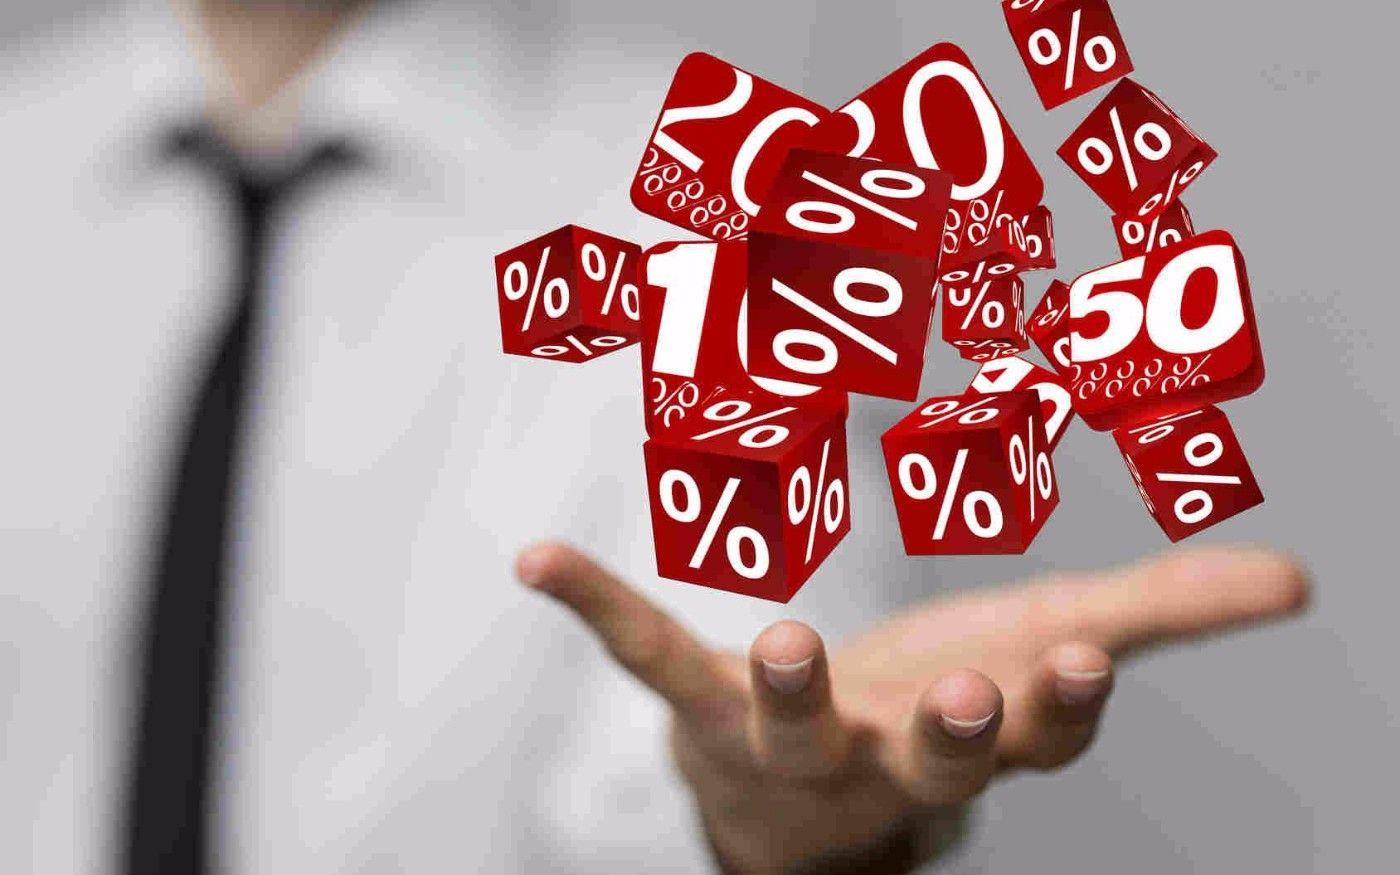 Процентная ставка по потребительскому кредиту в банках